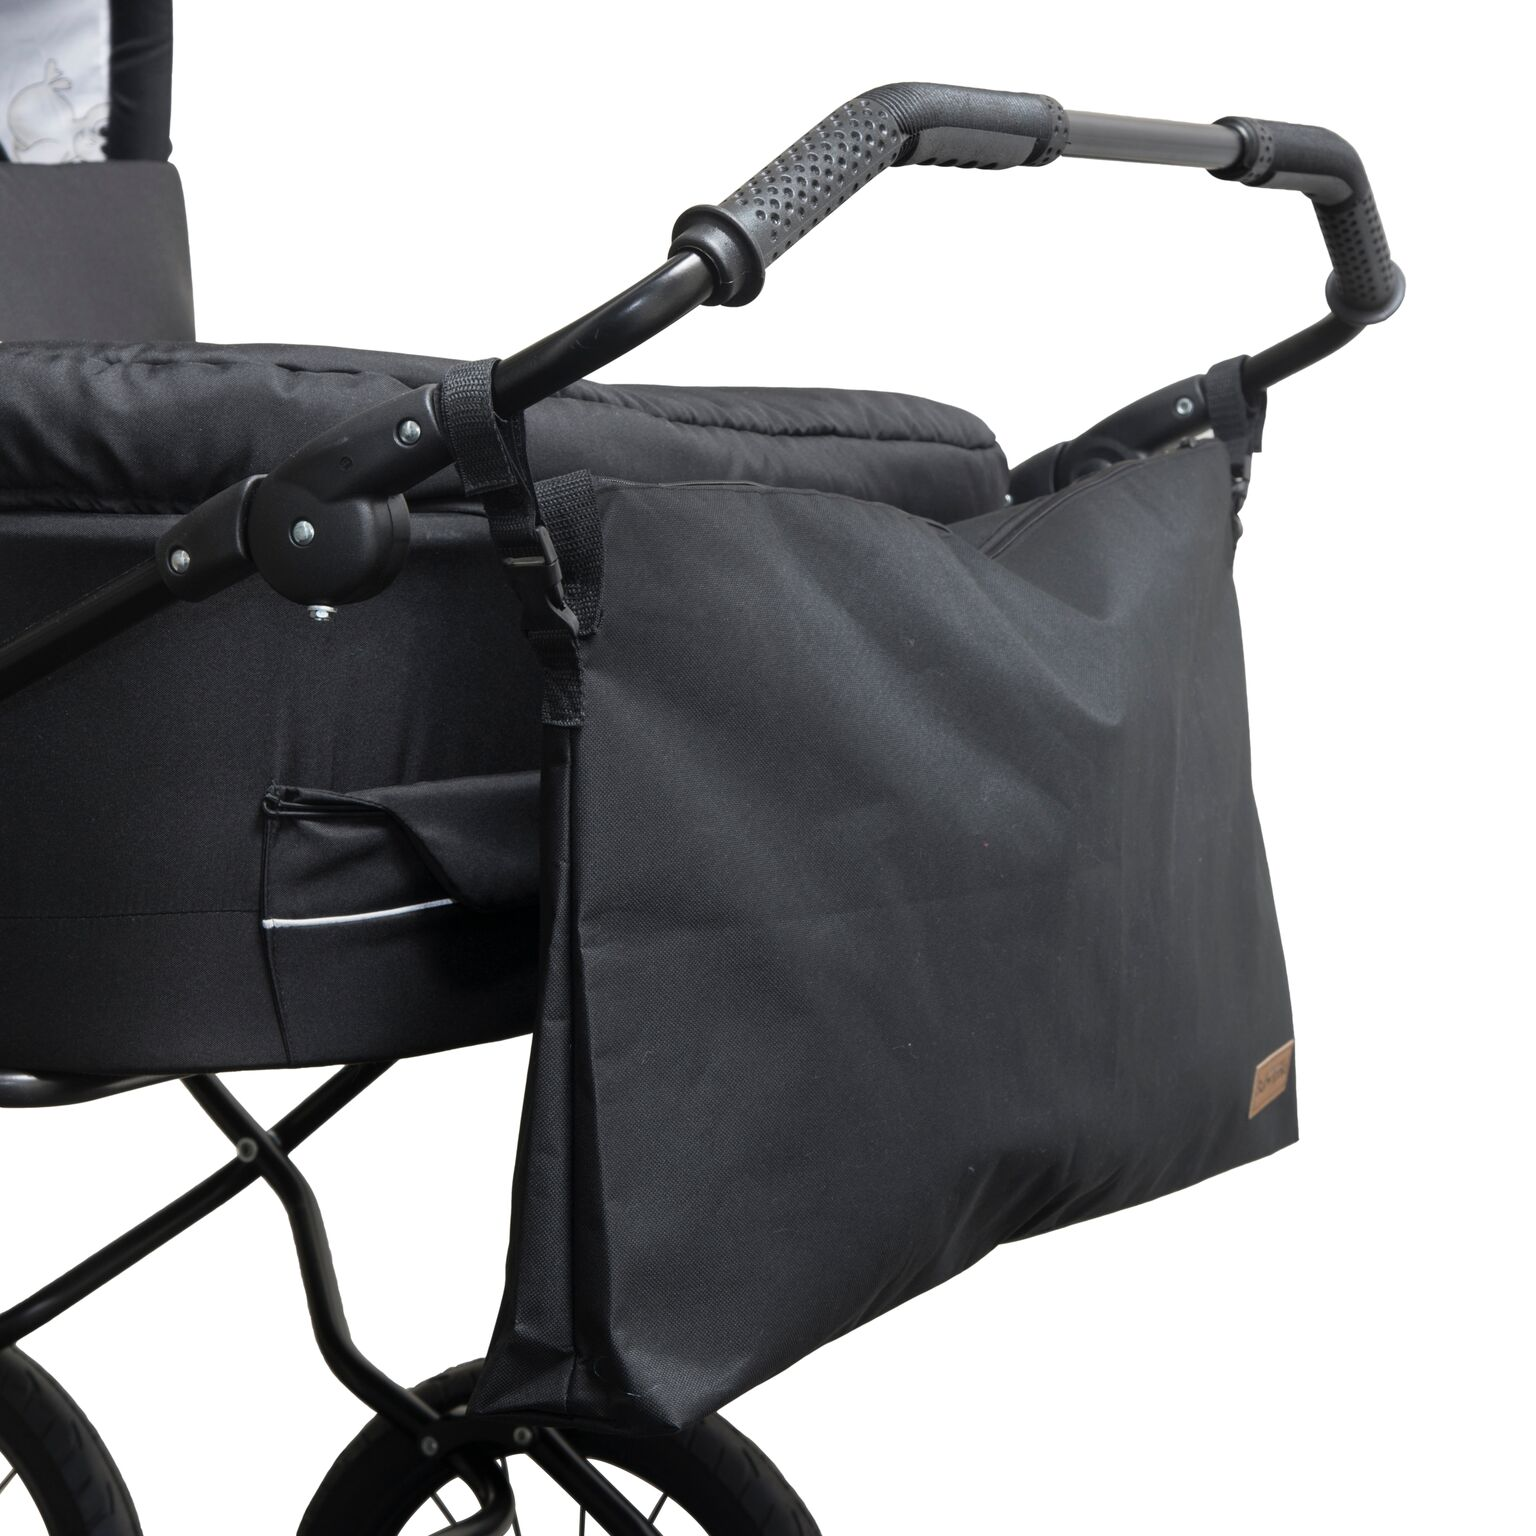 babytrold tasche f r buggy oder kinderwagen twin schwarz. Black Bedroom Furniture Sets. Home Design Ideas